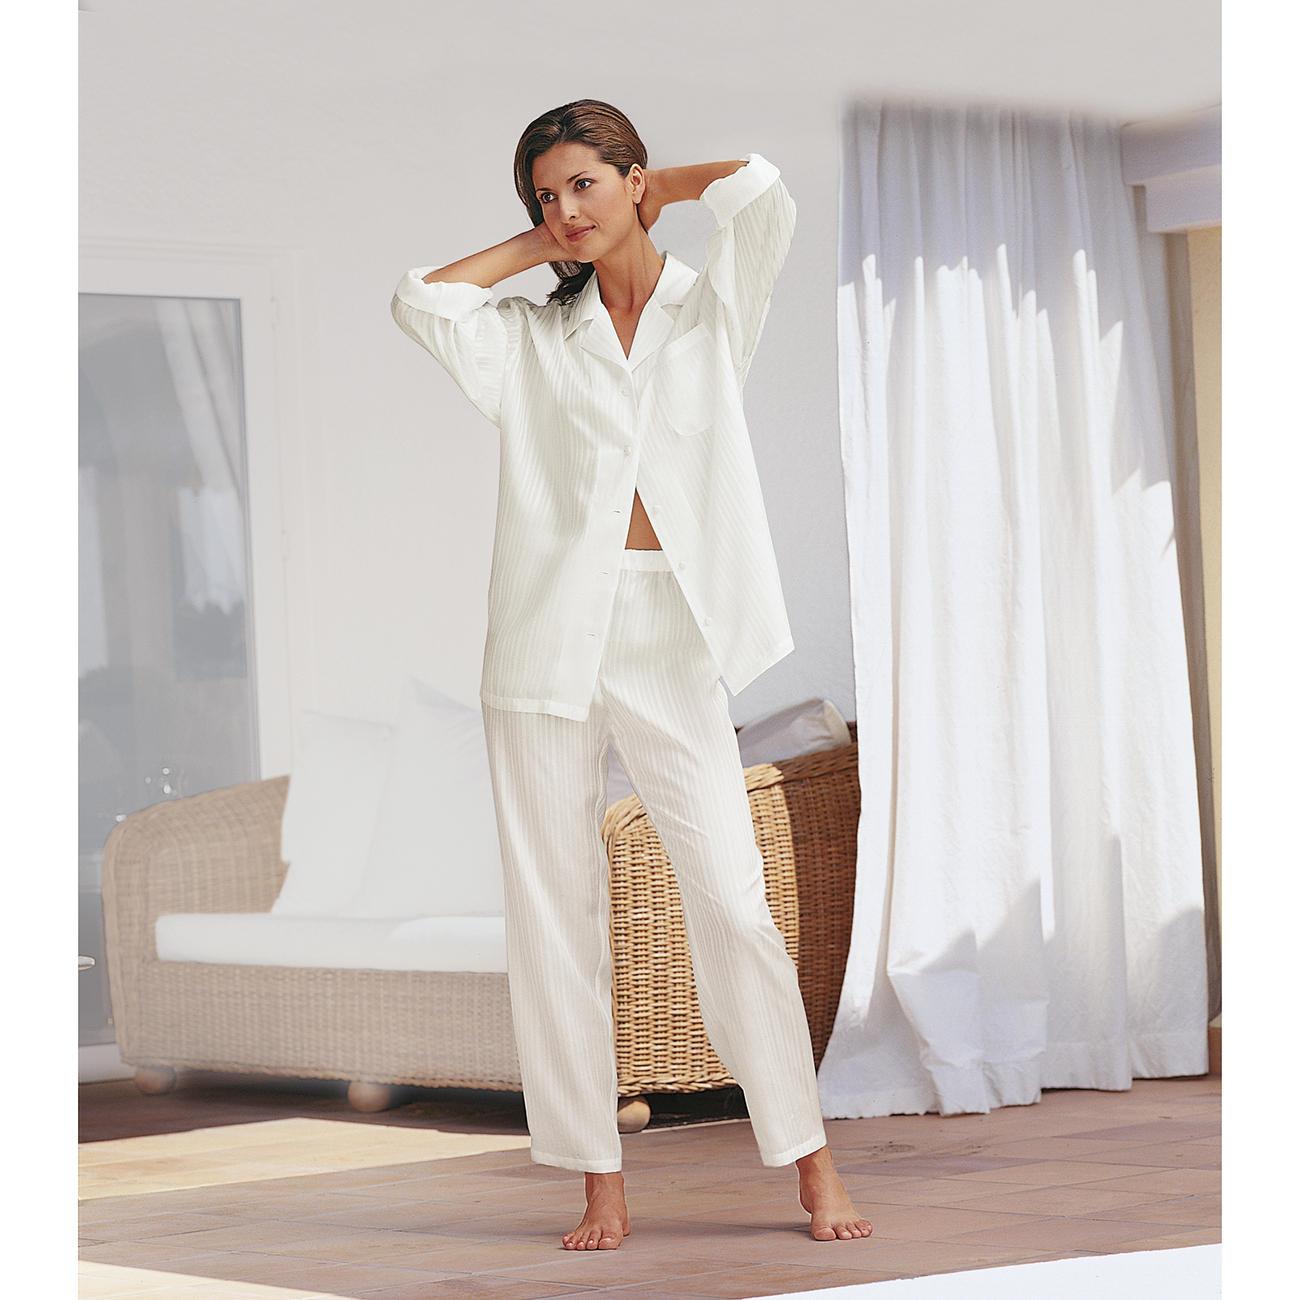 Bien-aimé Acheter Pyjama en soie avec pochette en ligne pas cher GI64